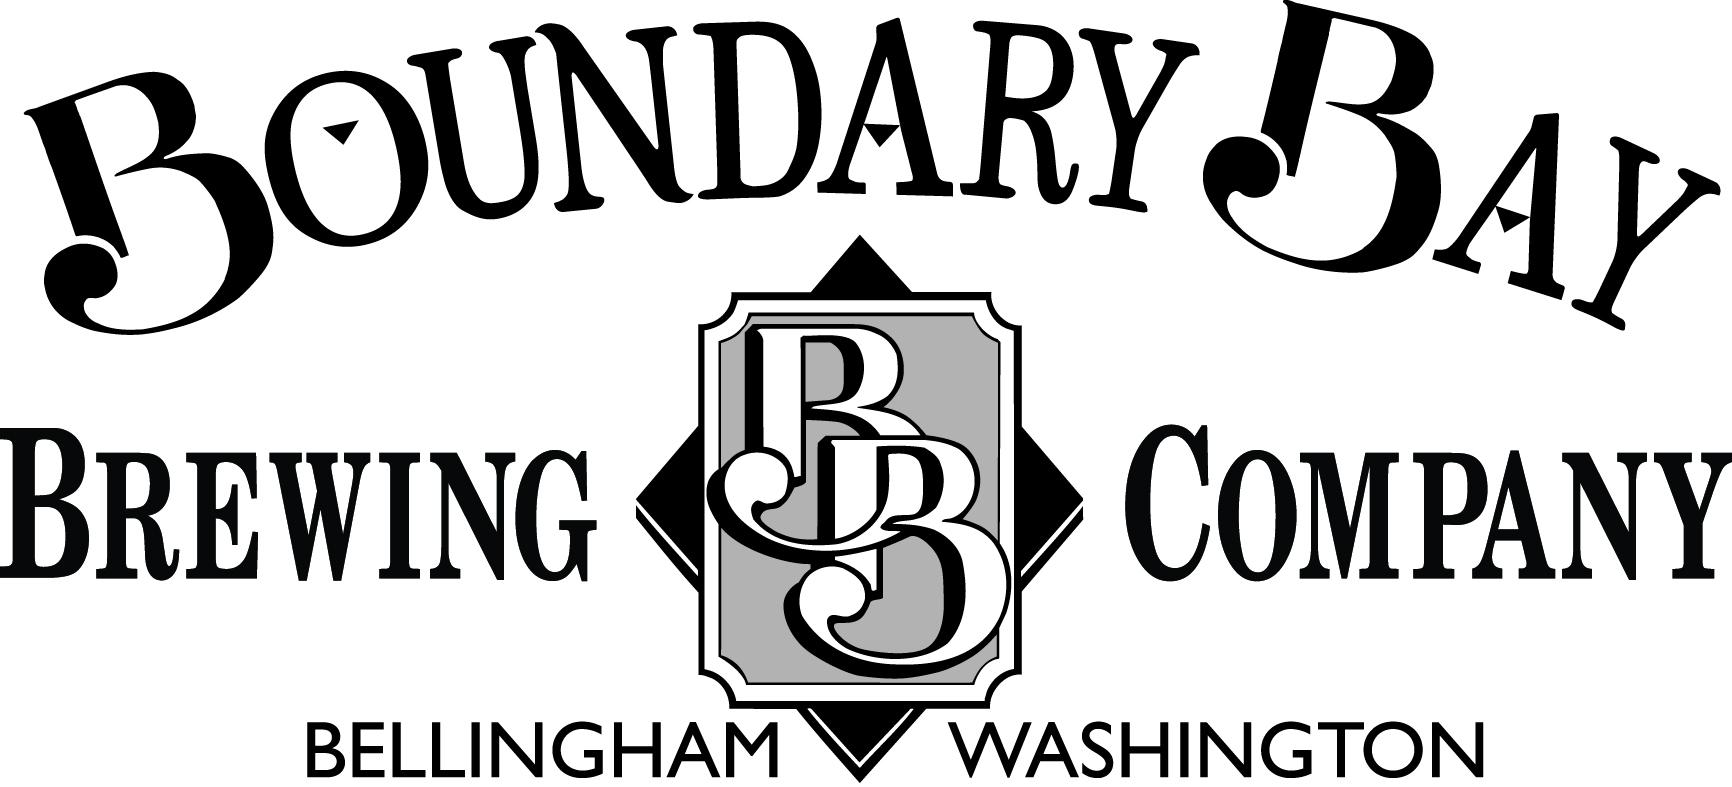 bbay_logo_brewing_bellwa_b&w